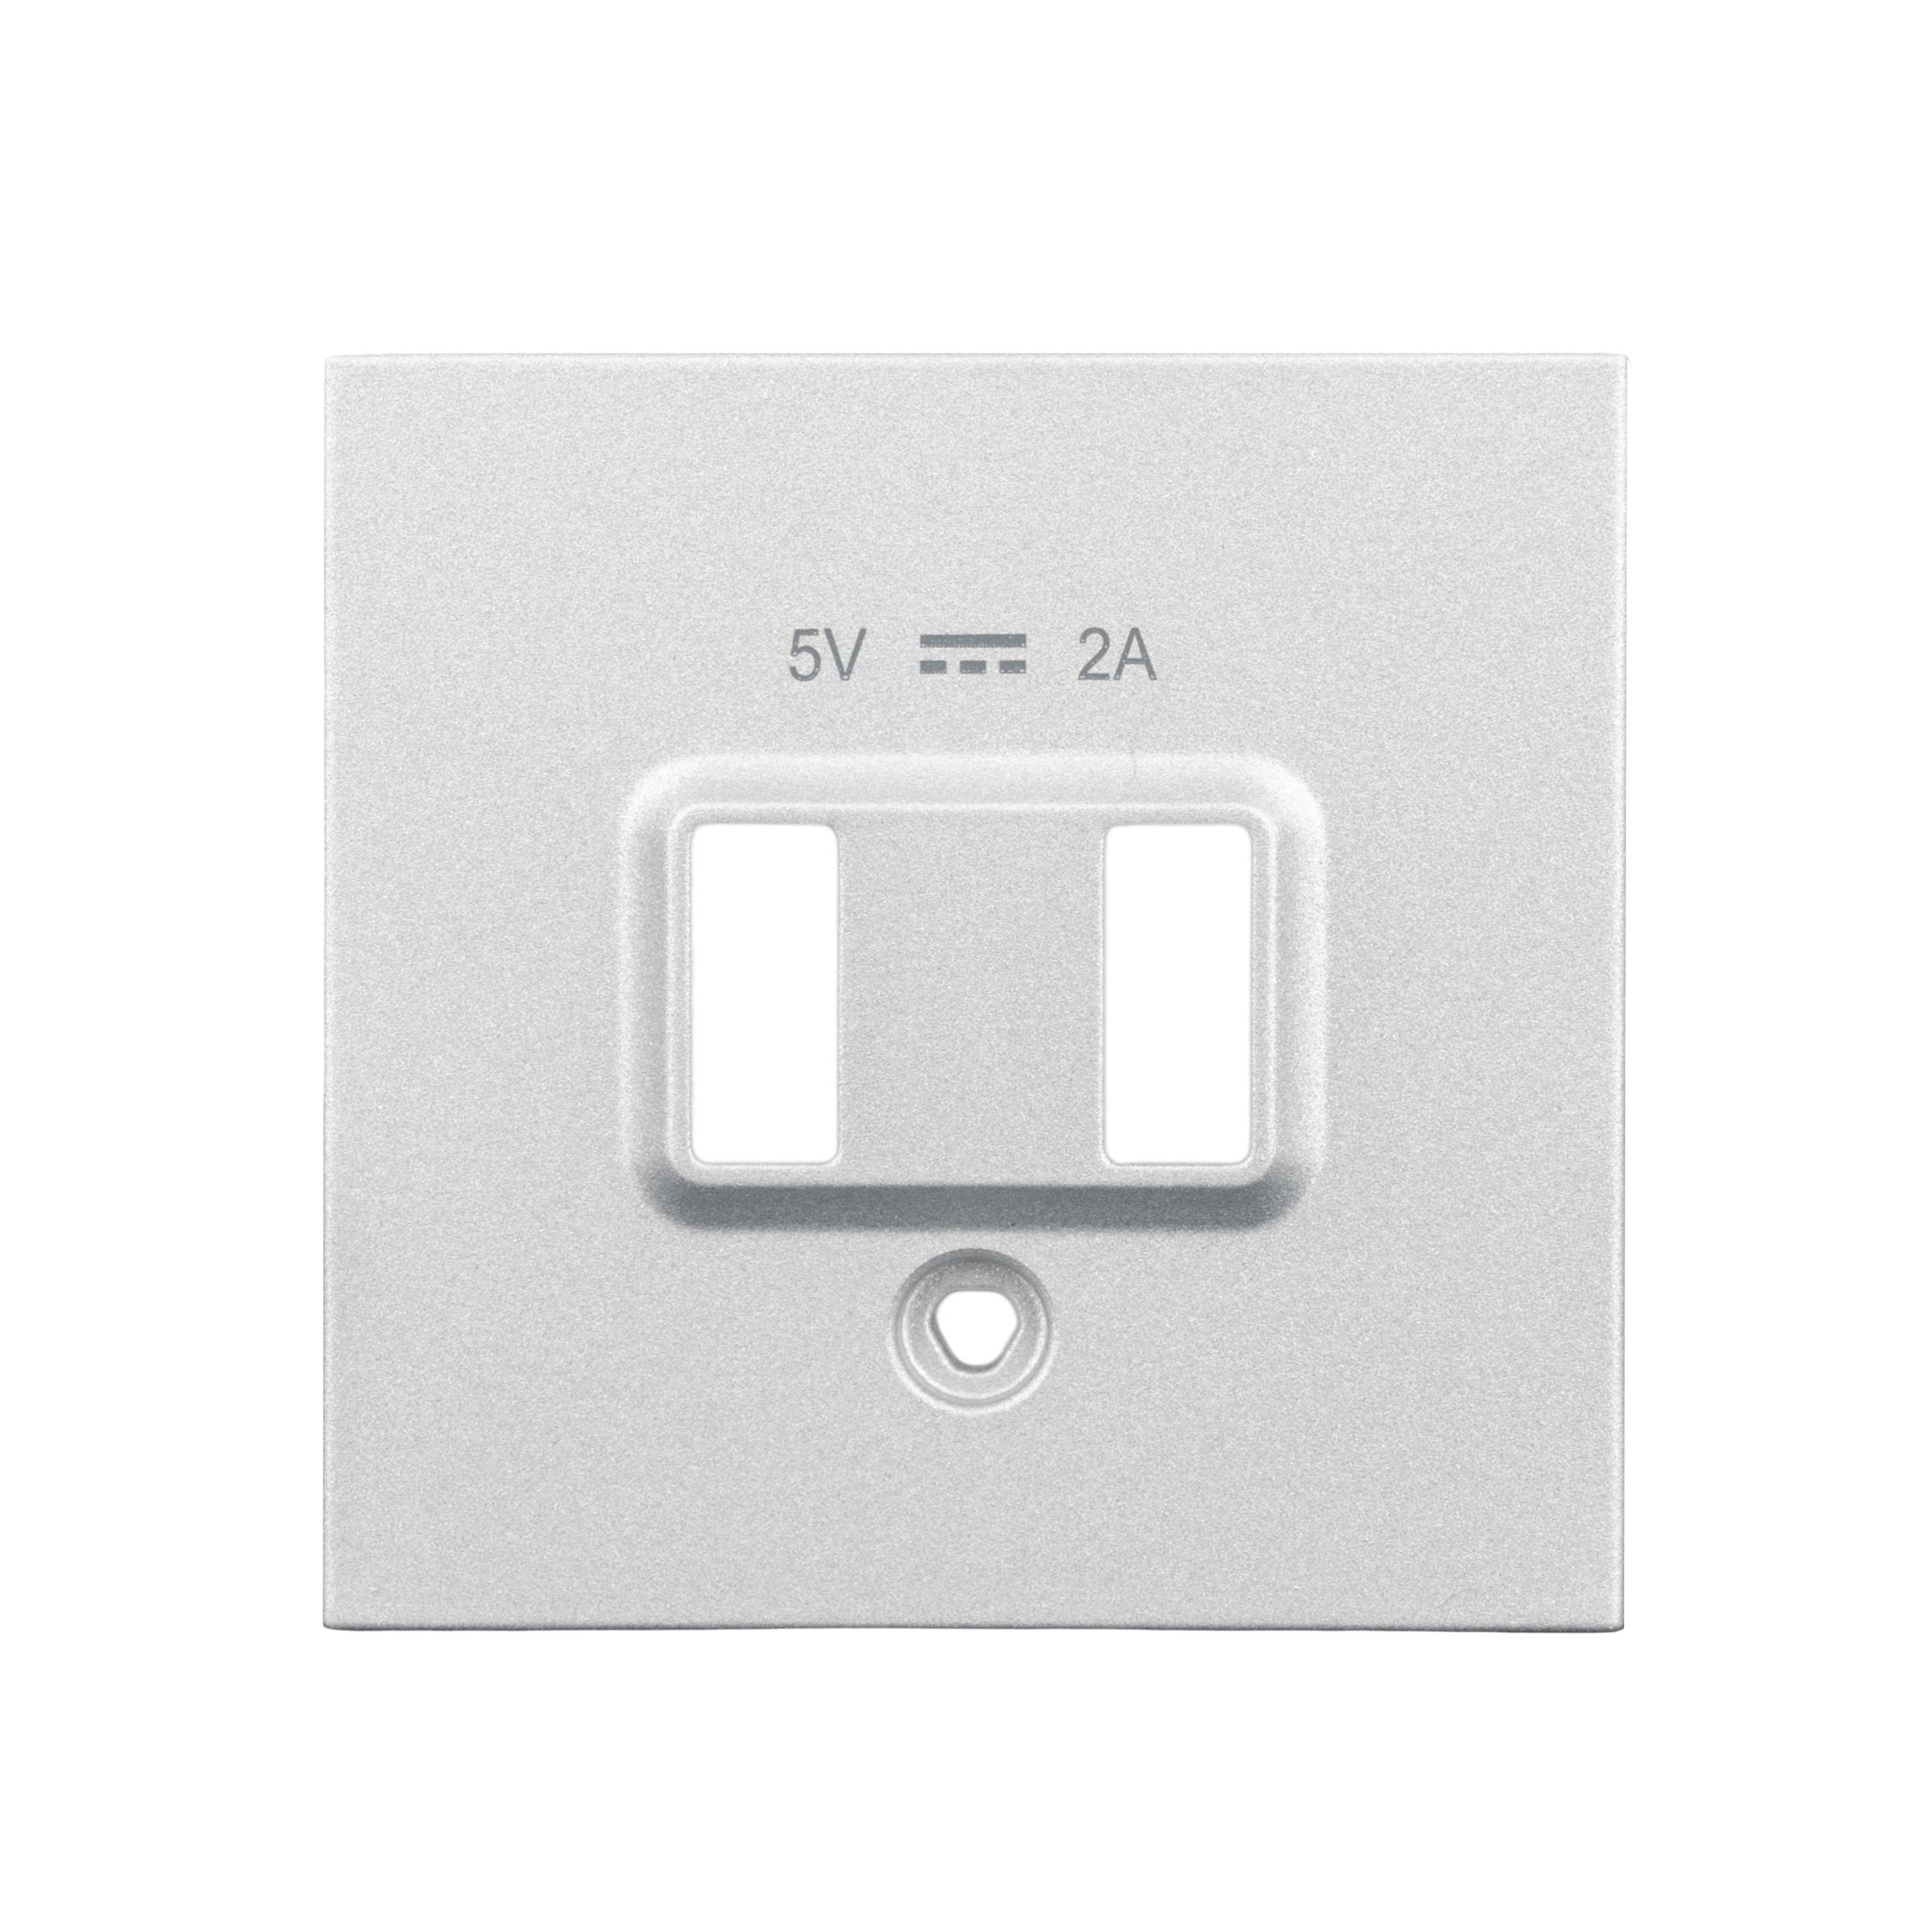 1 Stk USB Ladesteckdosen-Abdeckung, weiß EV103052--